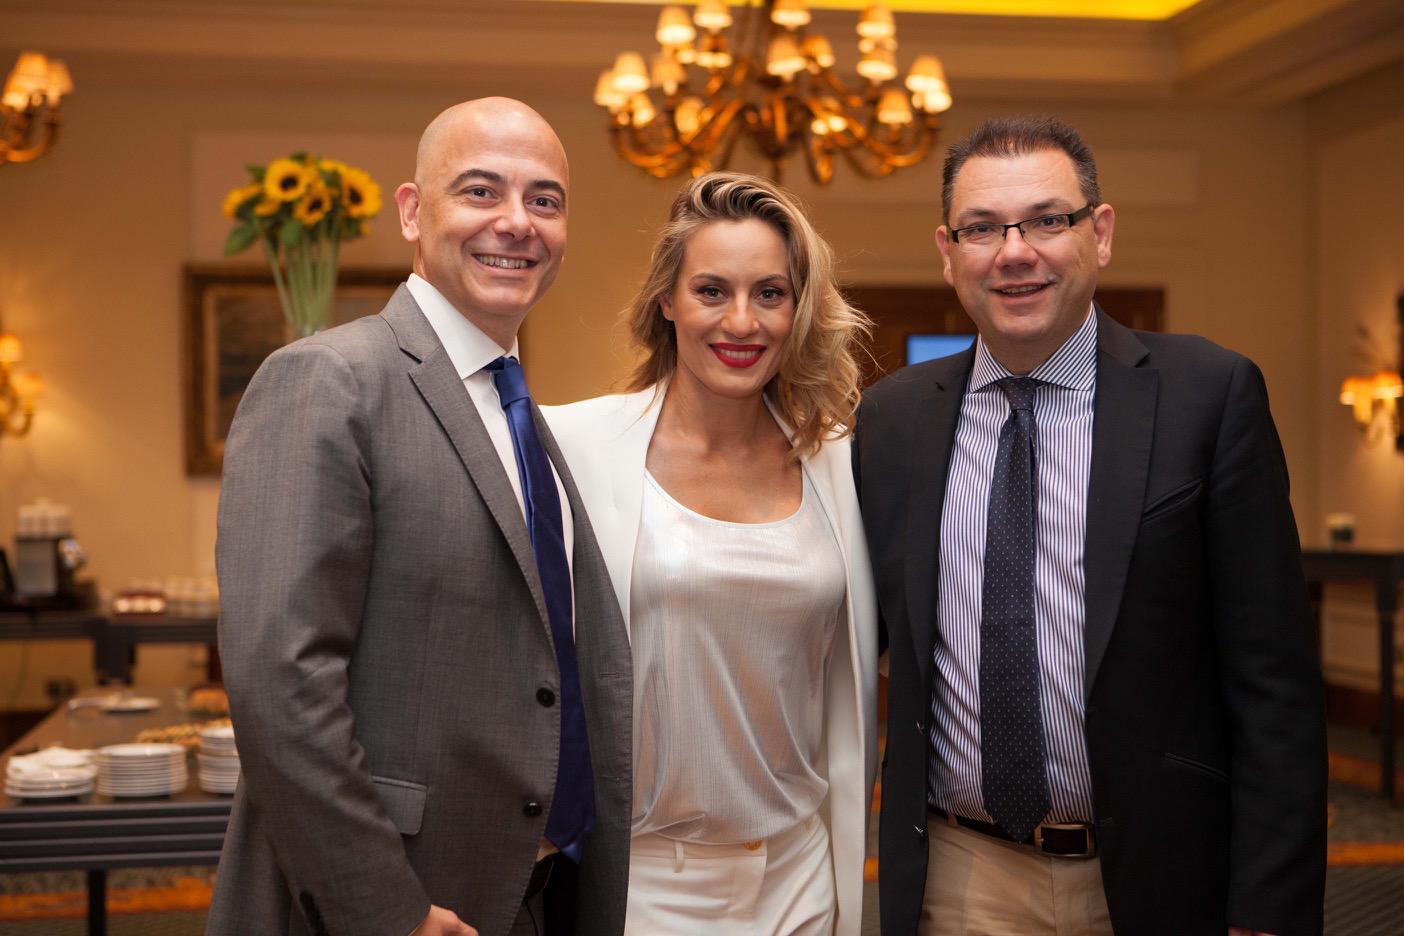 """(από αριστερά) Ο κ. Ιάκωβος Μιχαλίτσης, Γενικός Διευθυντής Valeant Ελλάδας, Κύπρου & Μάλτας, η κ. Ελεονώρα Μελέτη, πρέσβειρα της εκστρατείας """"MychoiceMylife"""", ο κ. Σπύρος Βεργίνης, Business Unit Manager Rx & OTC, Valeant"""